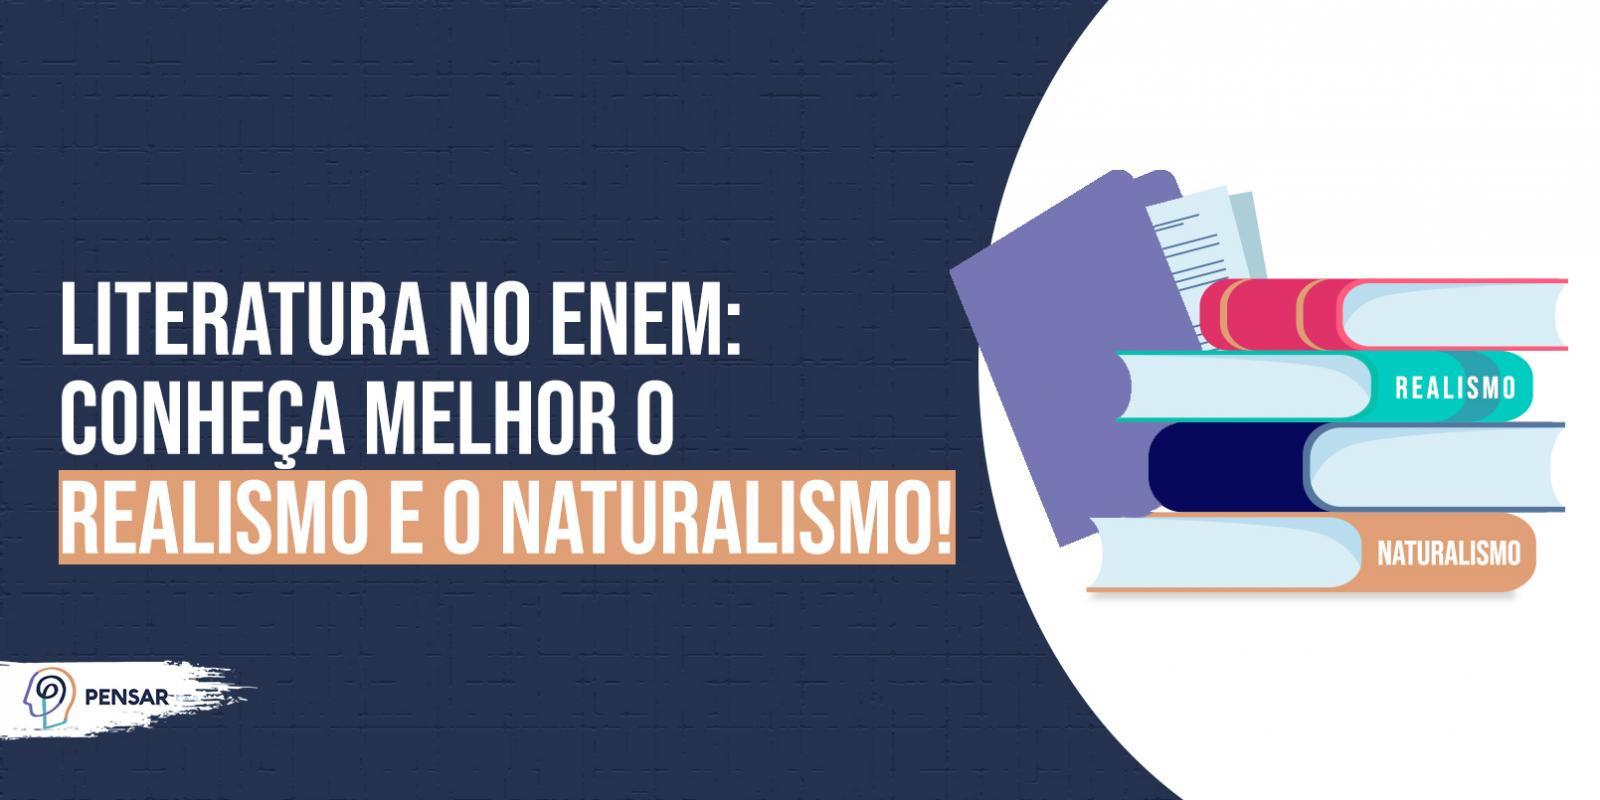 Literatura no ENEM: conheça melhor o Realismo e o Naturalismo!